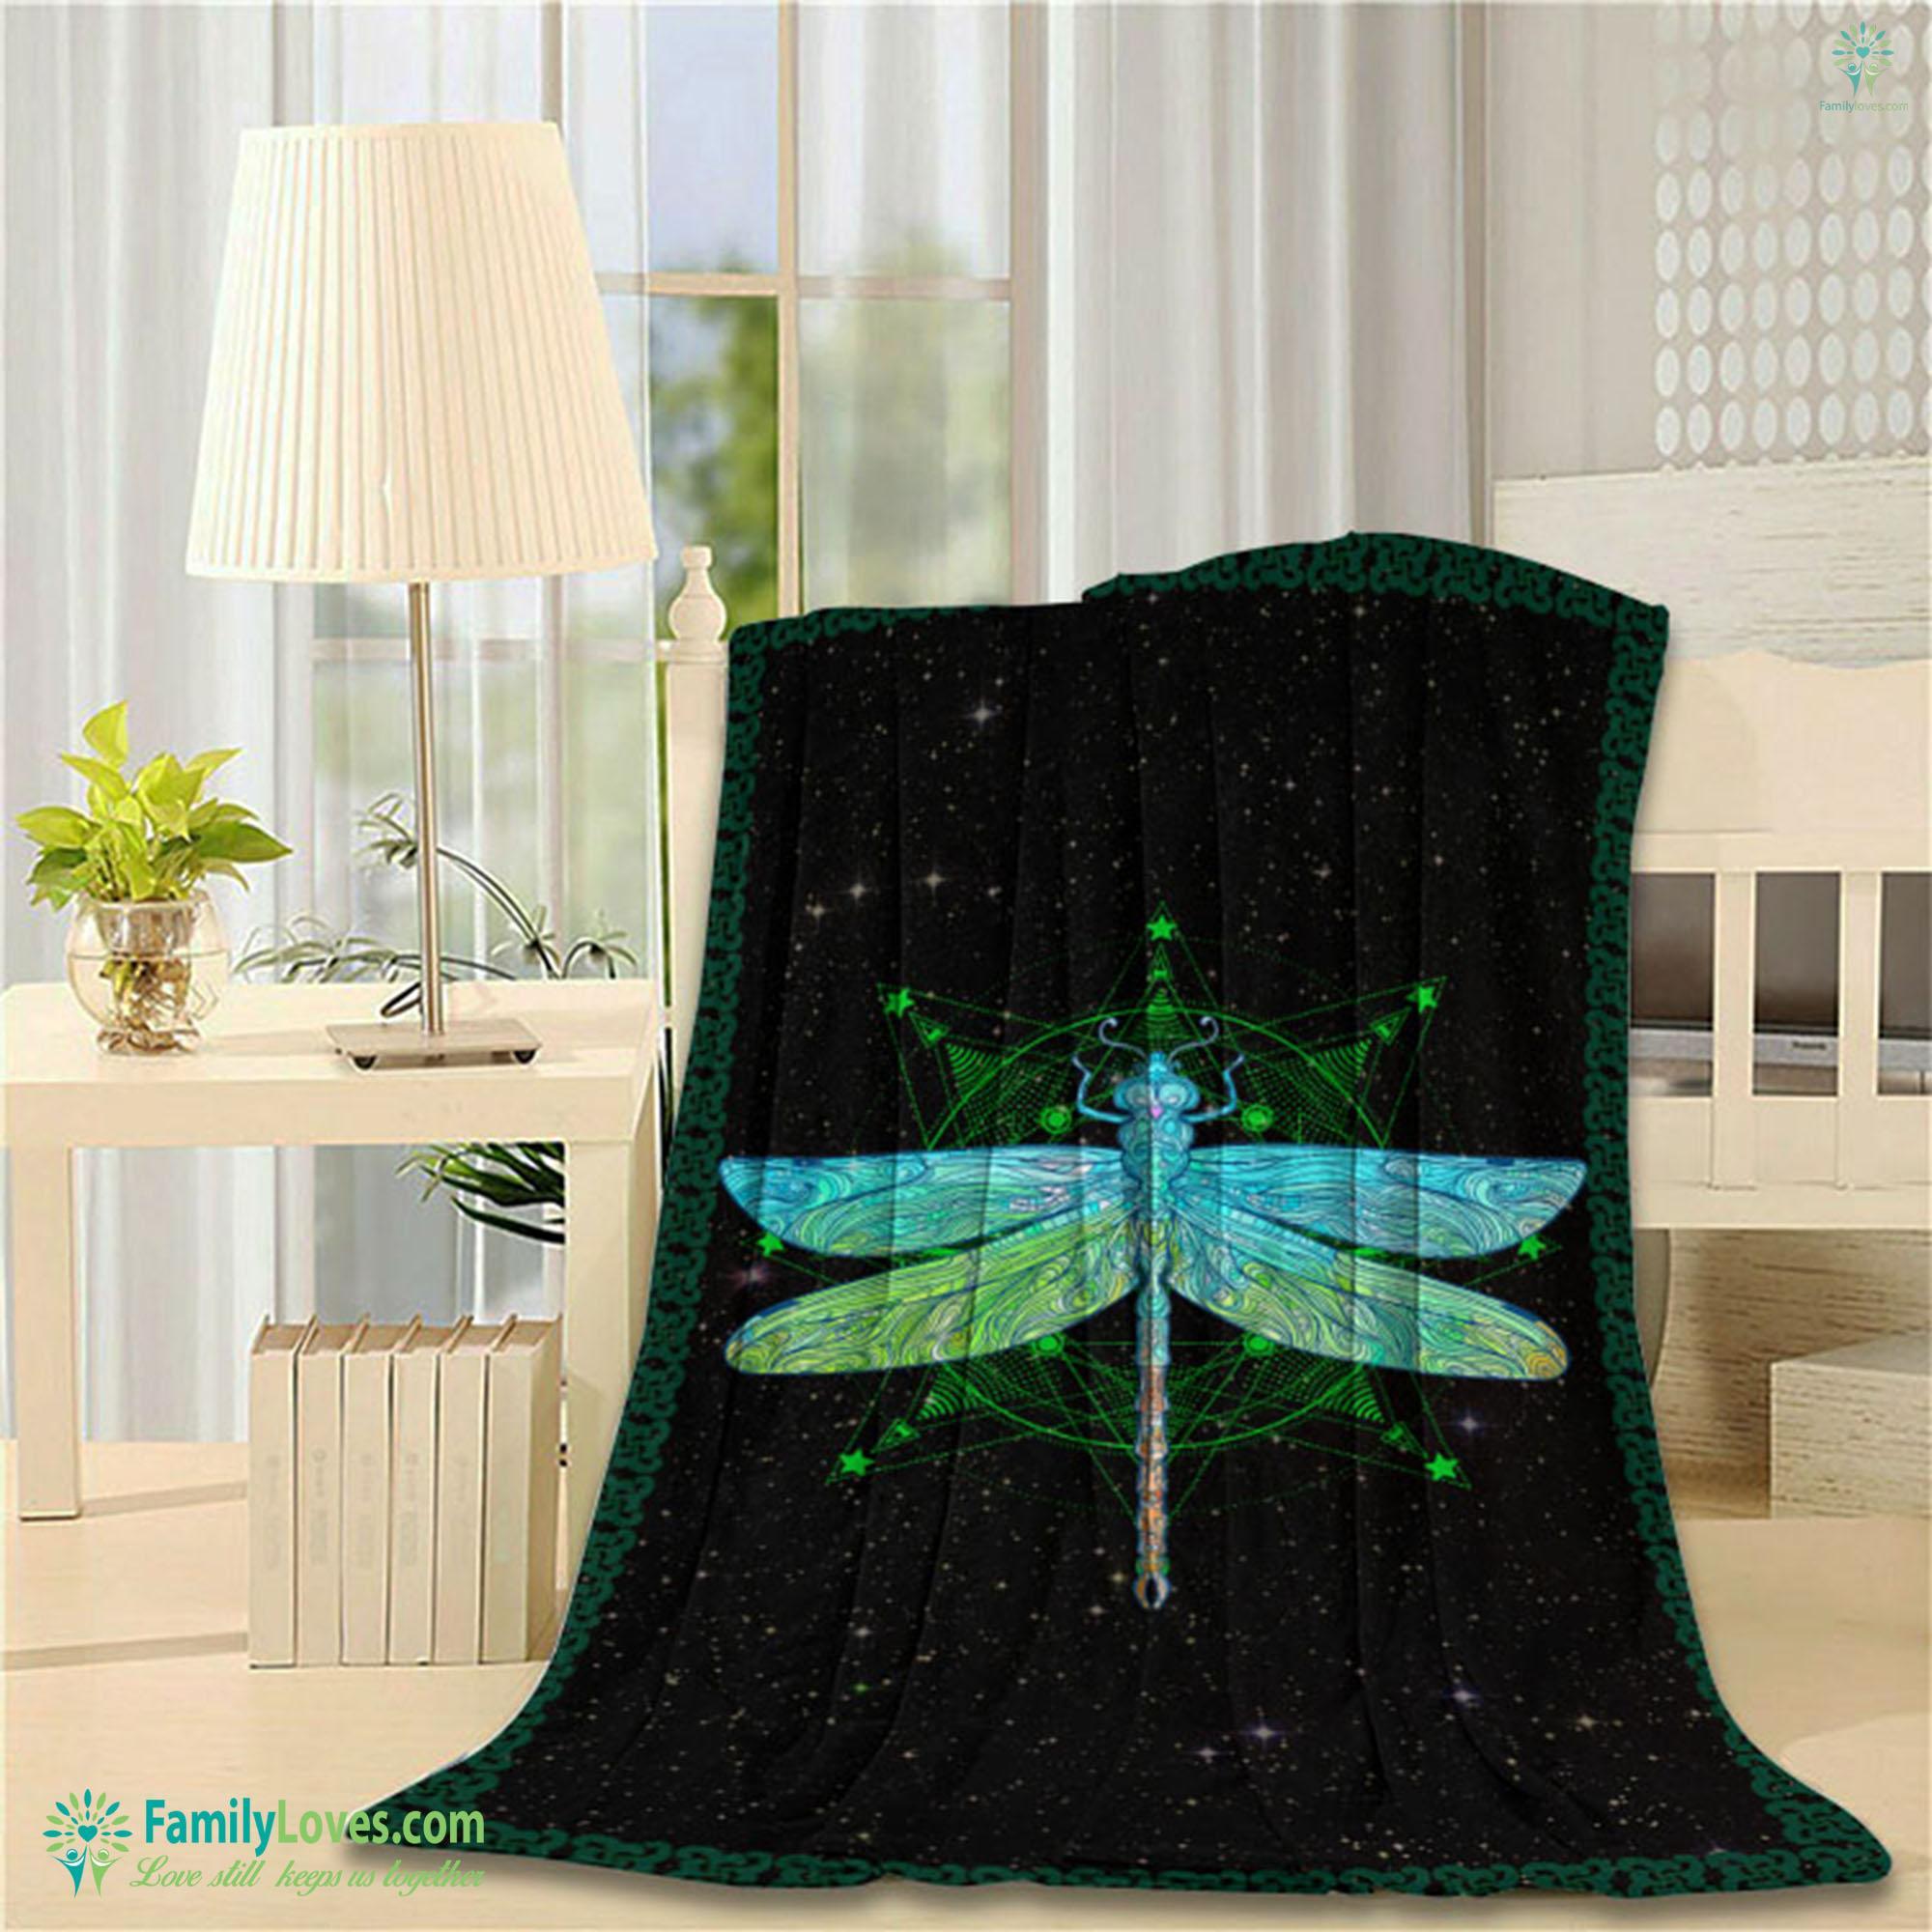 Dragonfly Bt Blanket 5 Familyloves.com